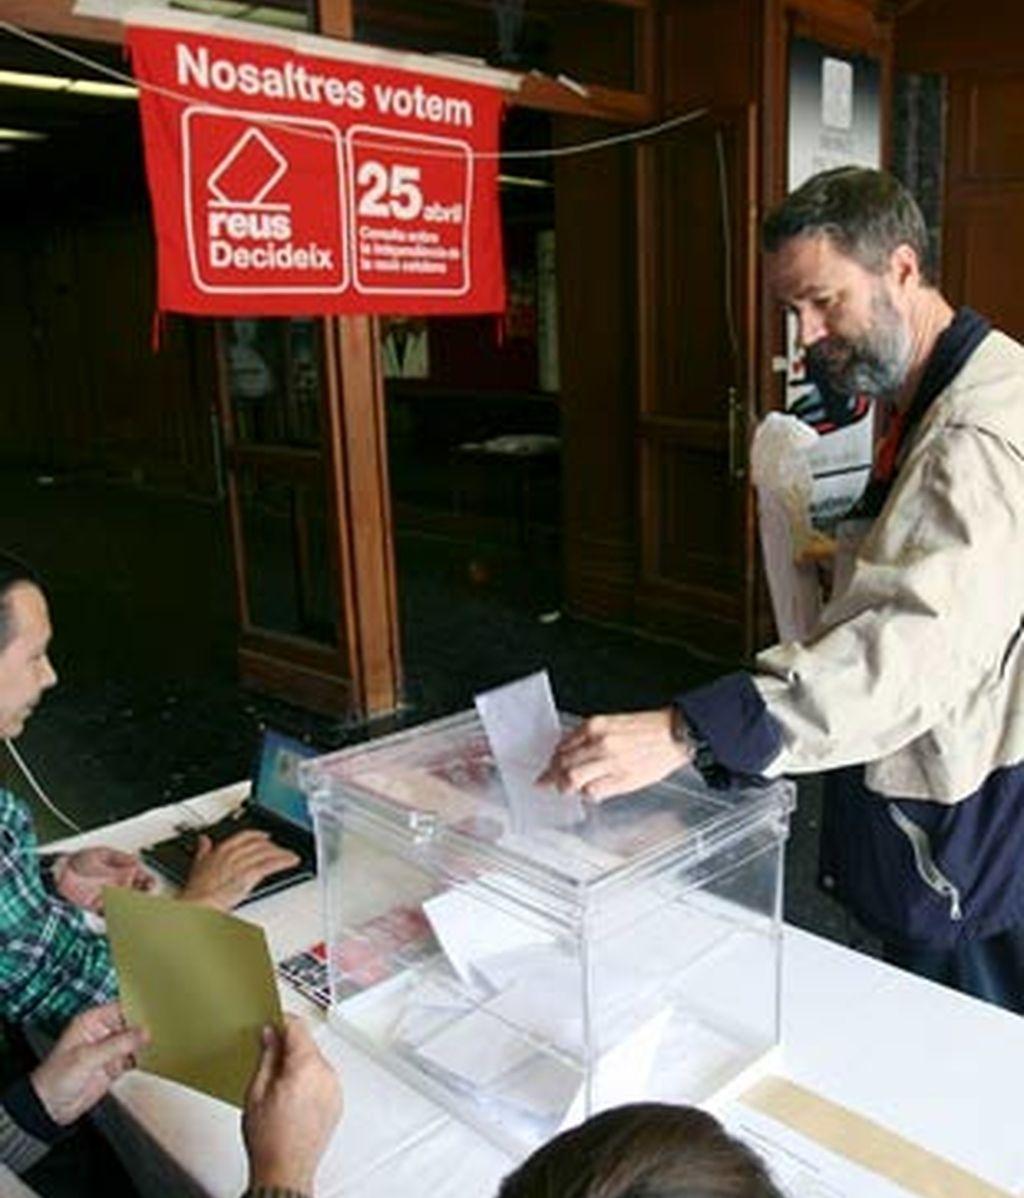 Un vecino de Reus, en el momento de la votación. Foto: EFE